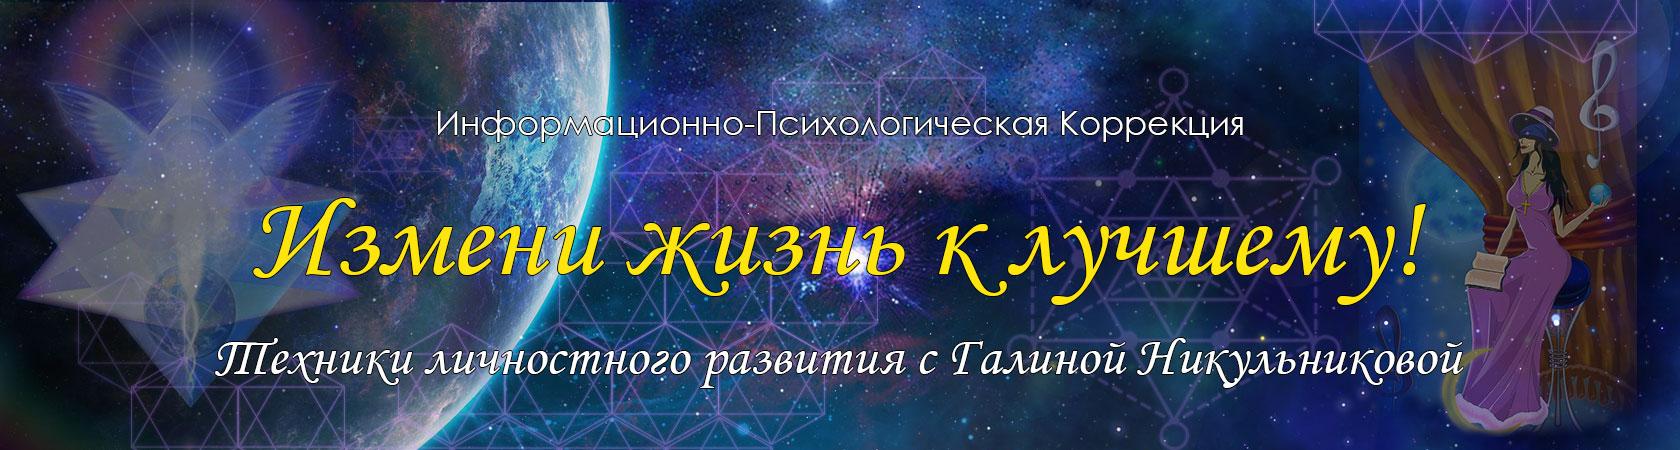 Персональный сайт Галины Никульниковой